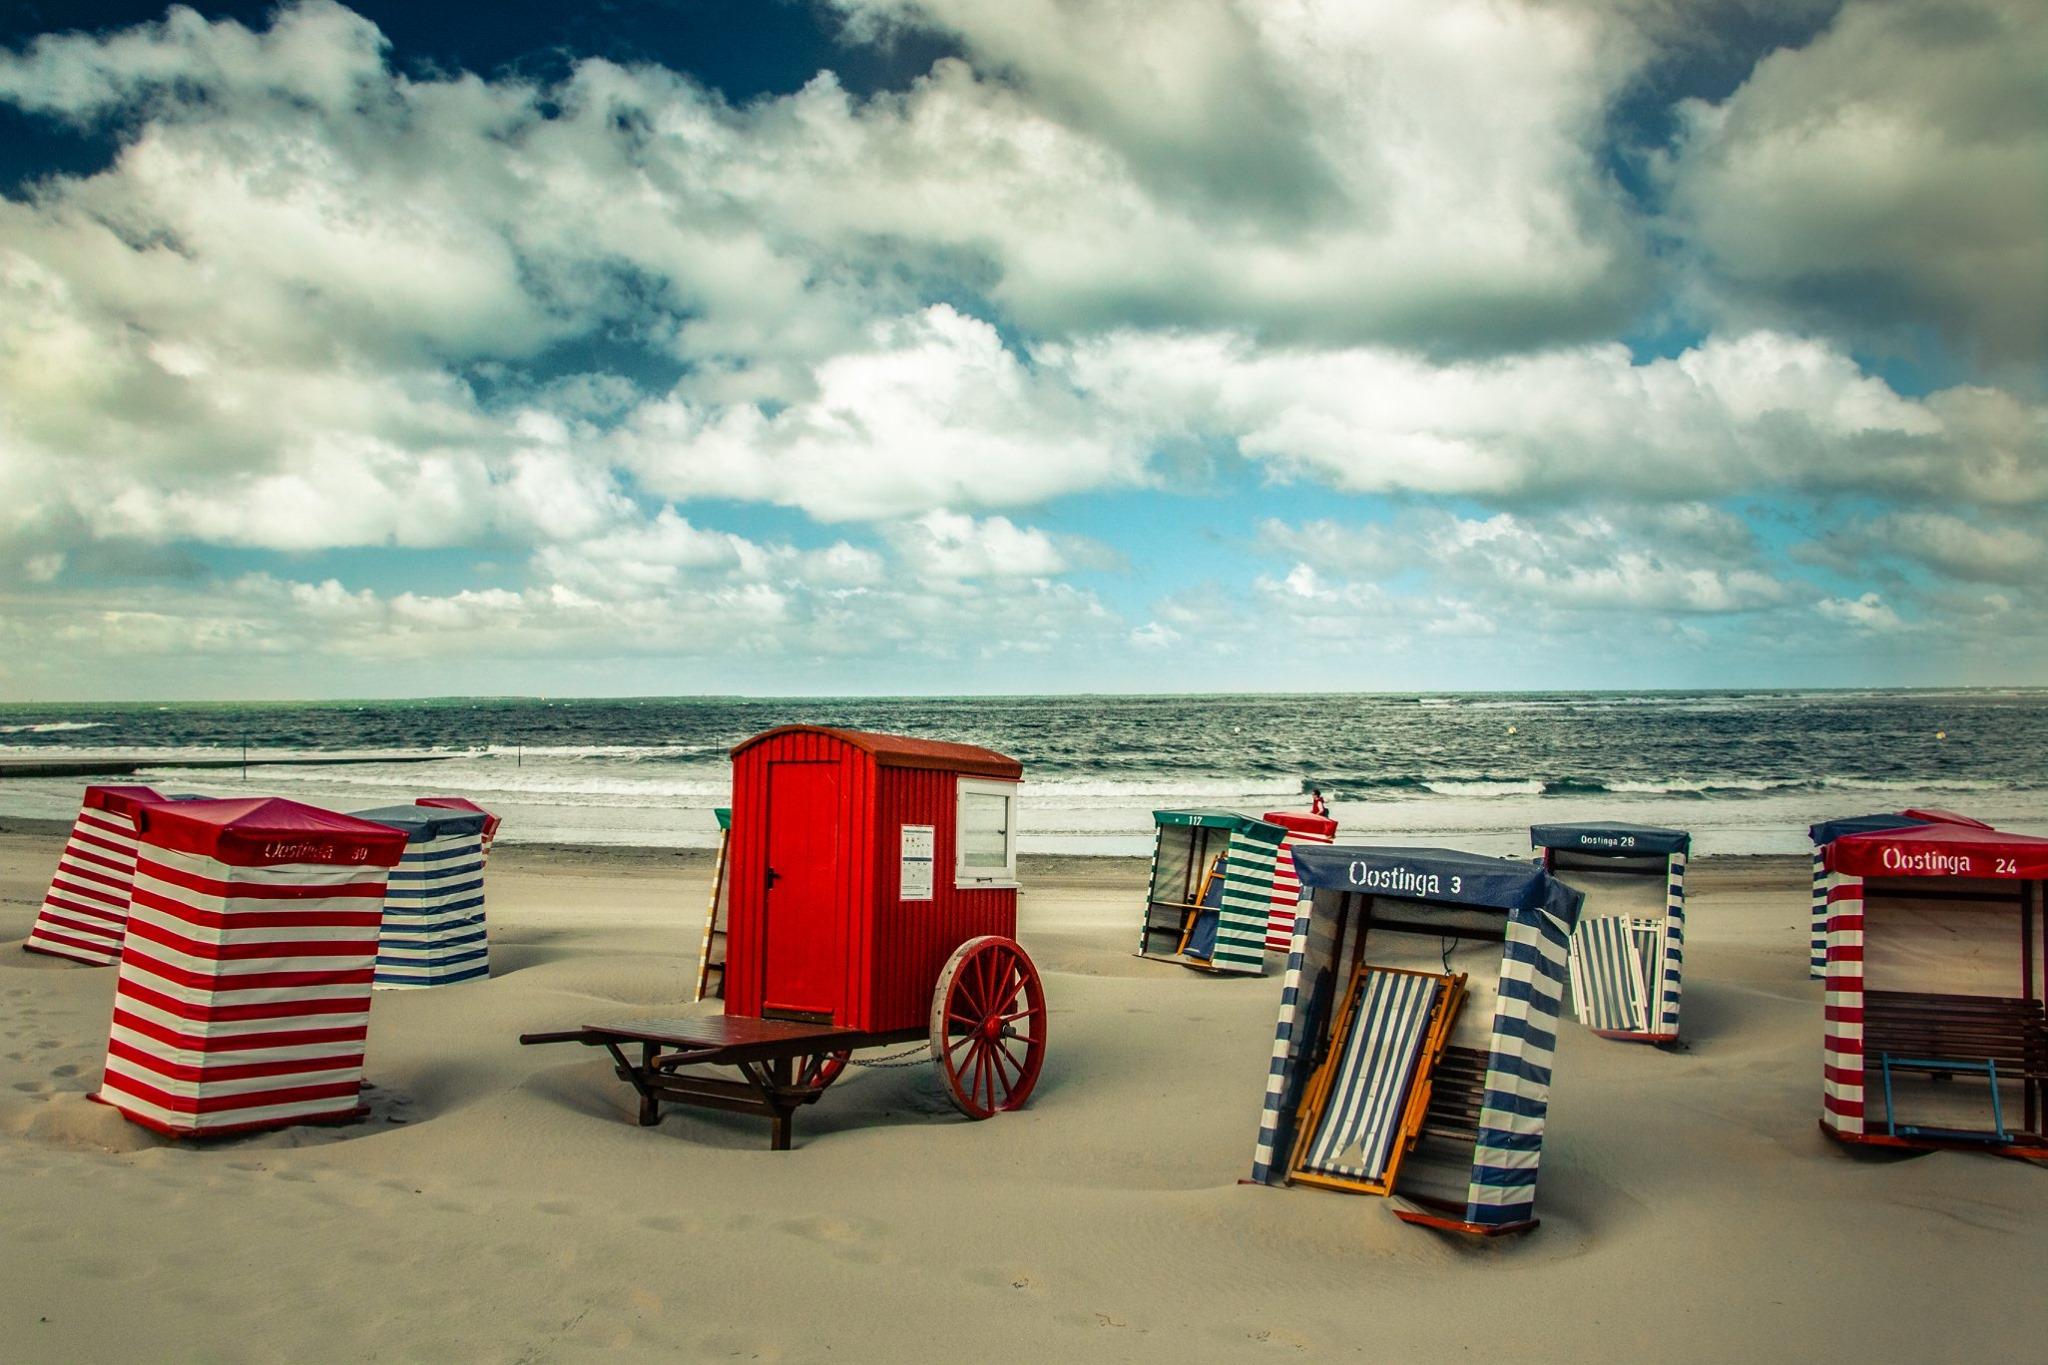 Nordseeinsel Borkum Urlaub Ferienwohnung Bunte Kuh Borkum (10)